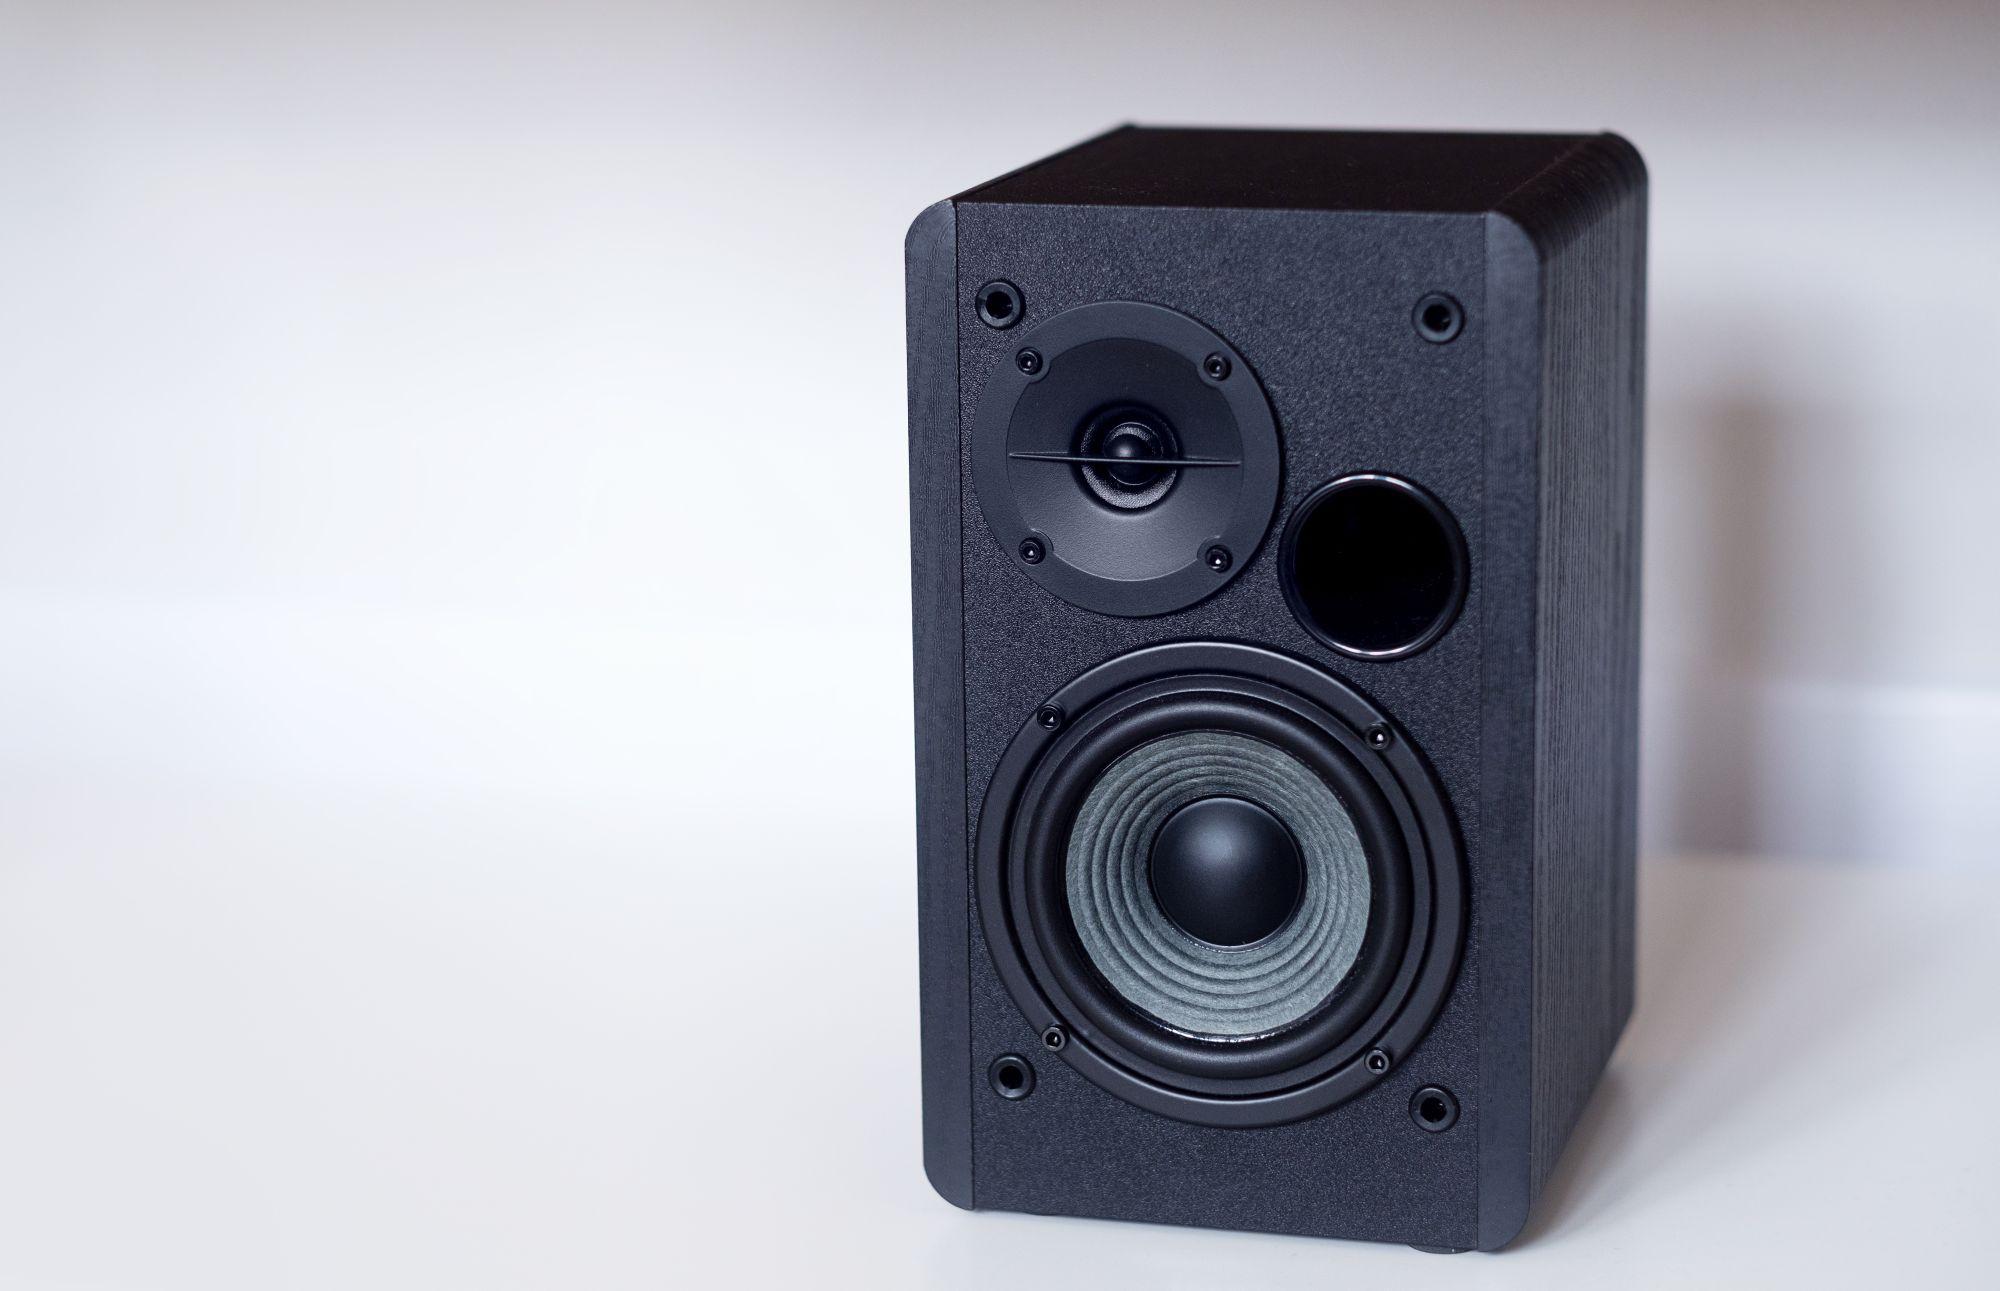 Fekete Wi-Fi hangfal otthoni használat közben